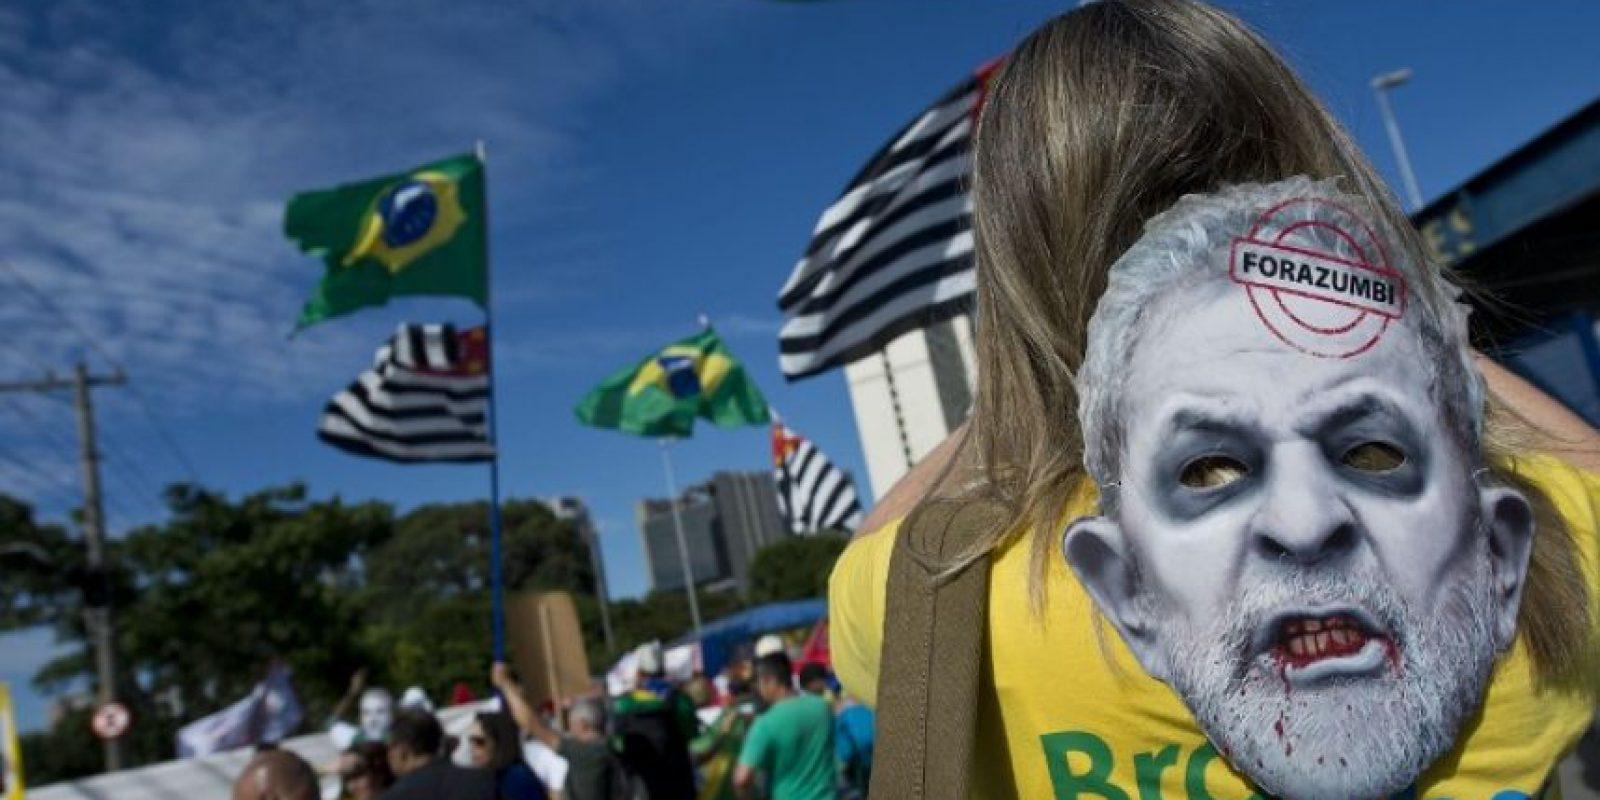 Decenas de personas protestan en Brasil contra la corrupción. Foto:AFP